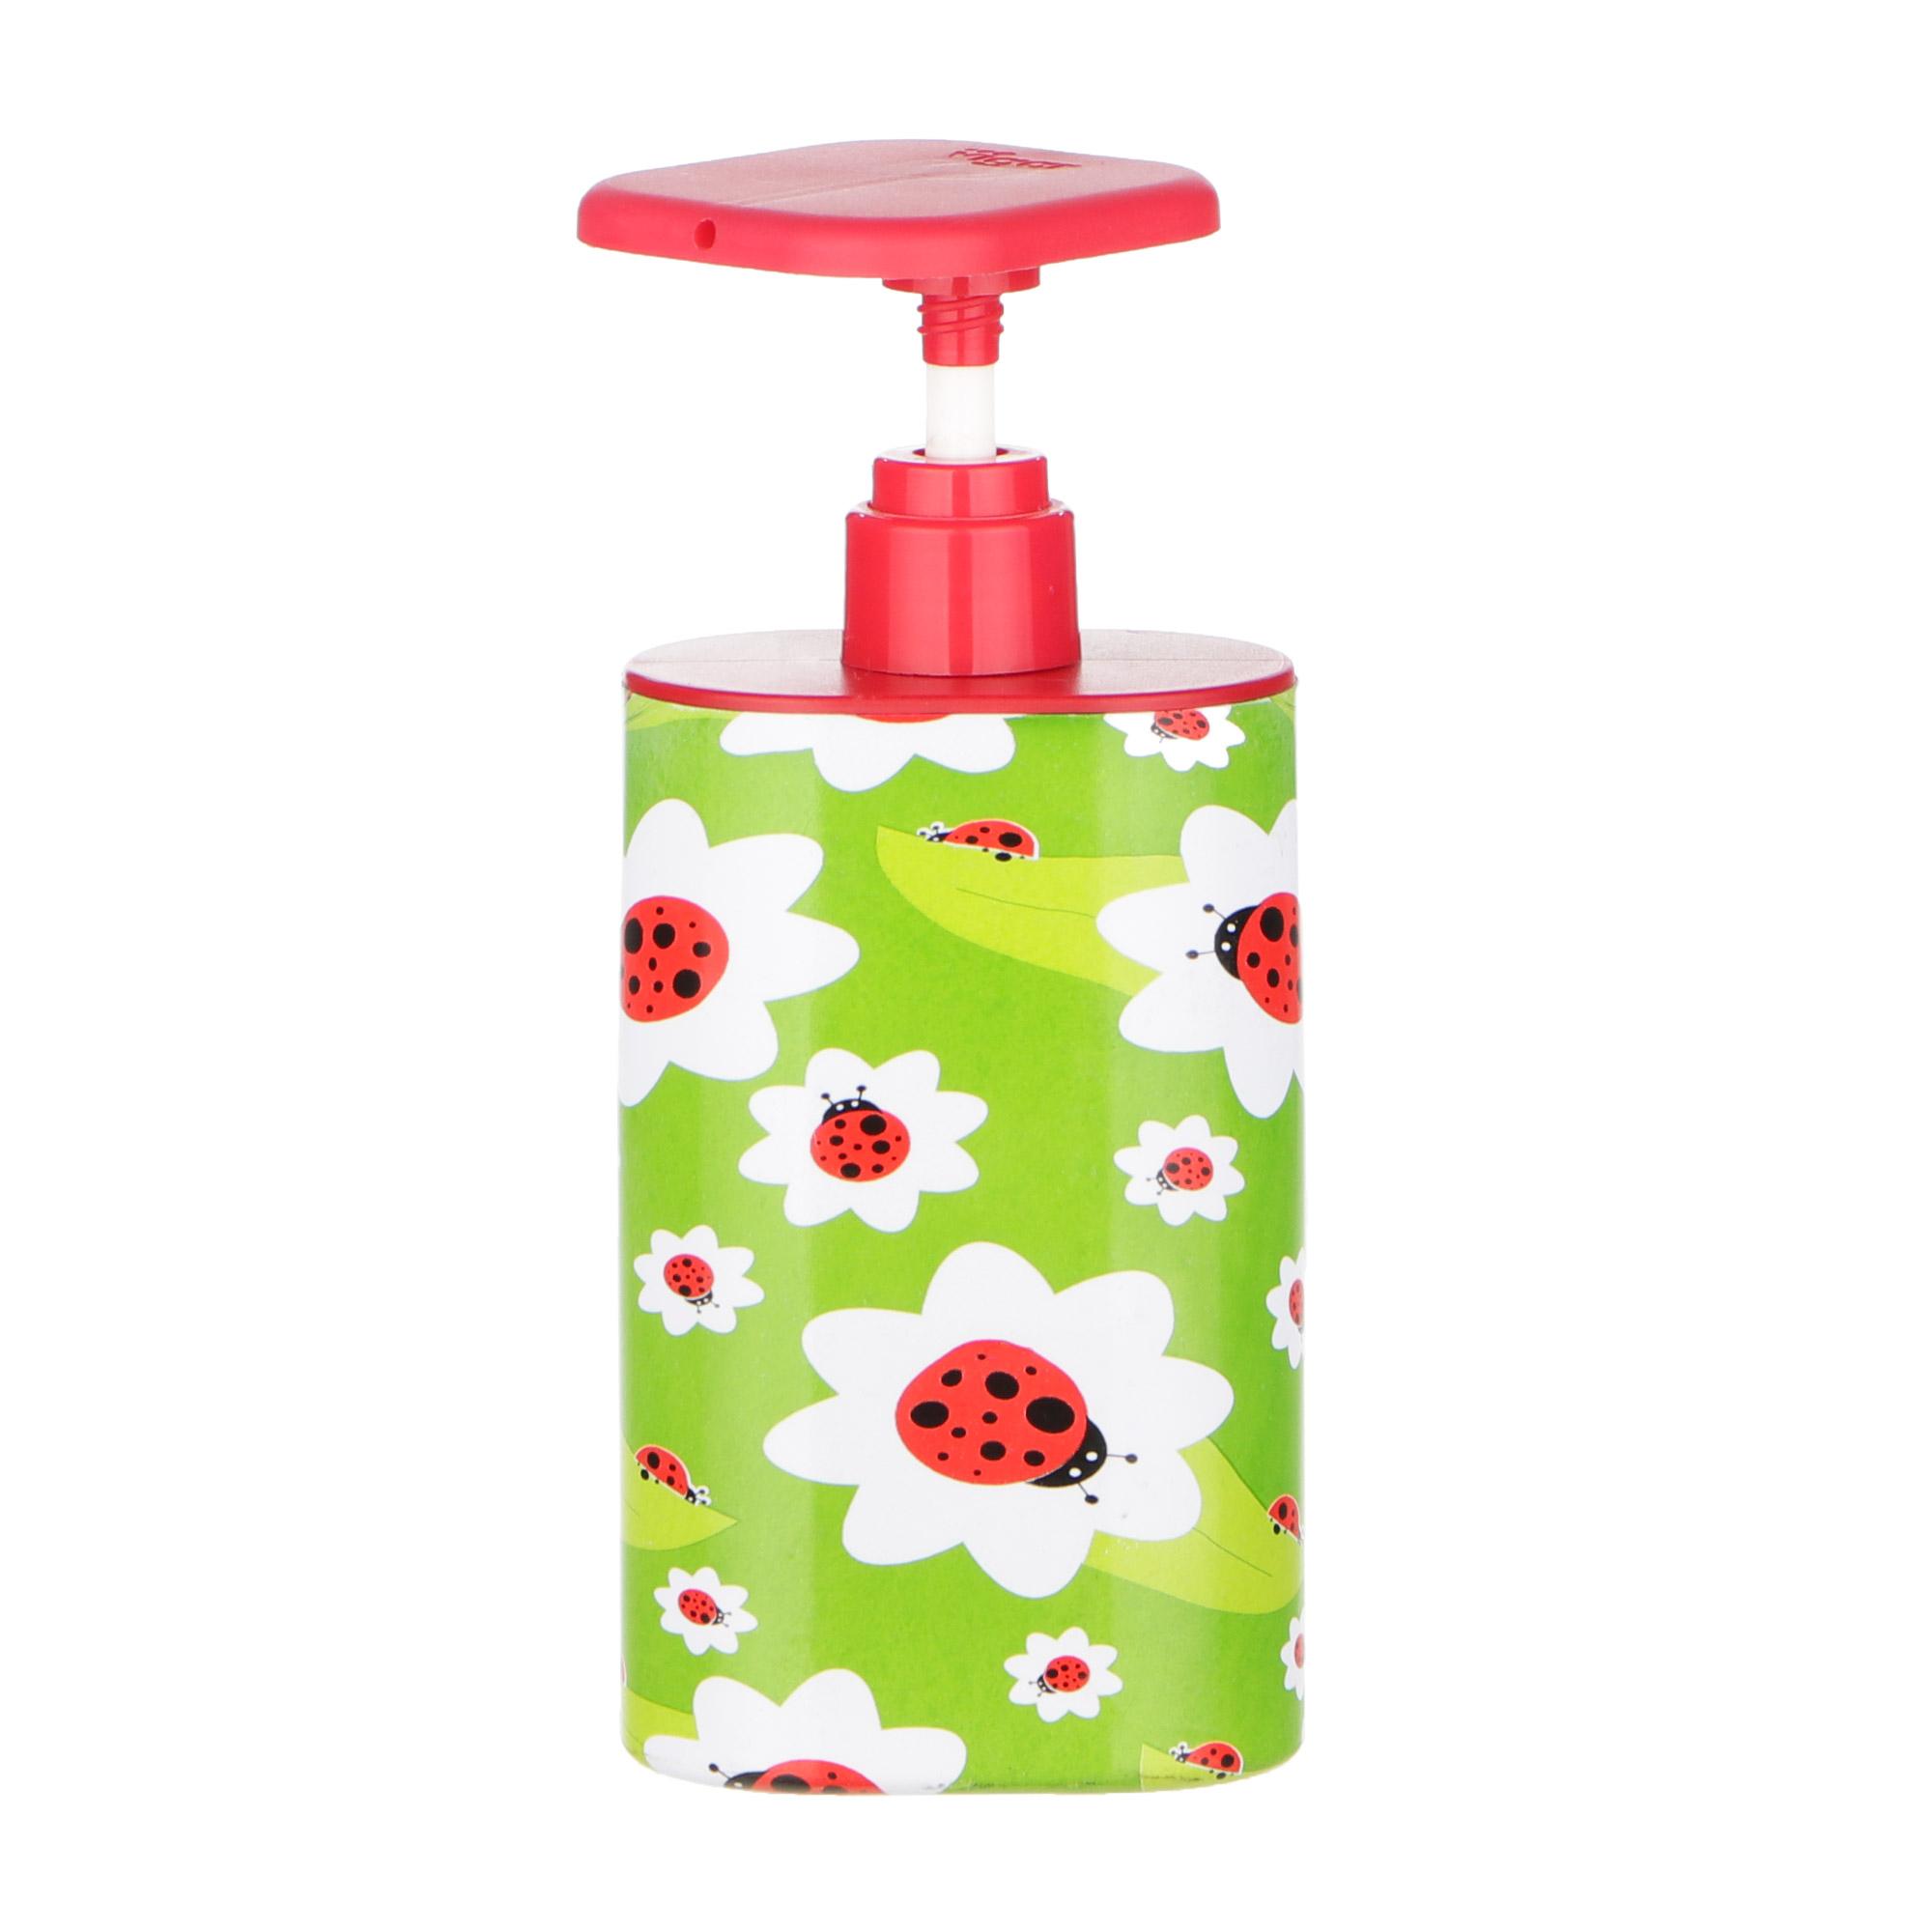 Дозатор для мыла Vigar Ladybug 6160 фото